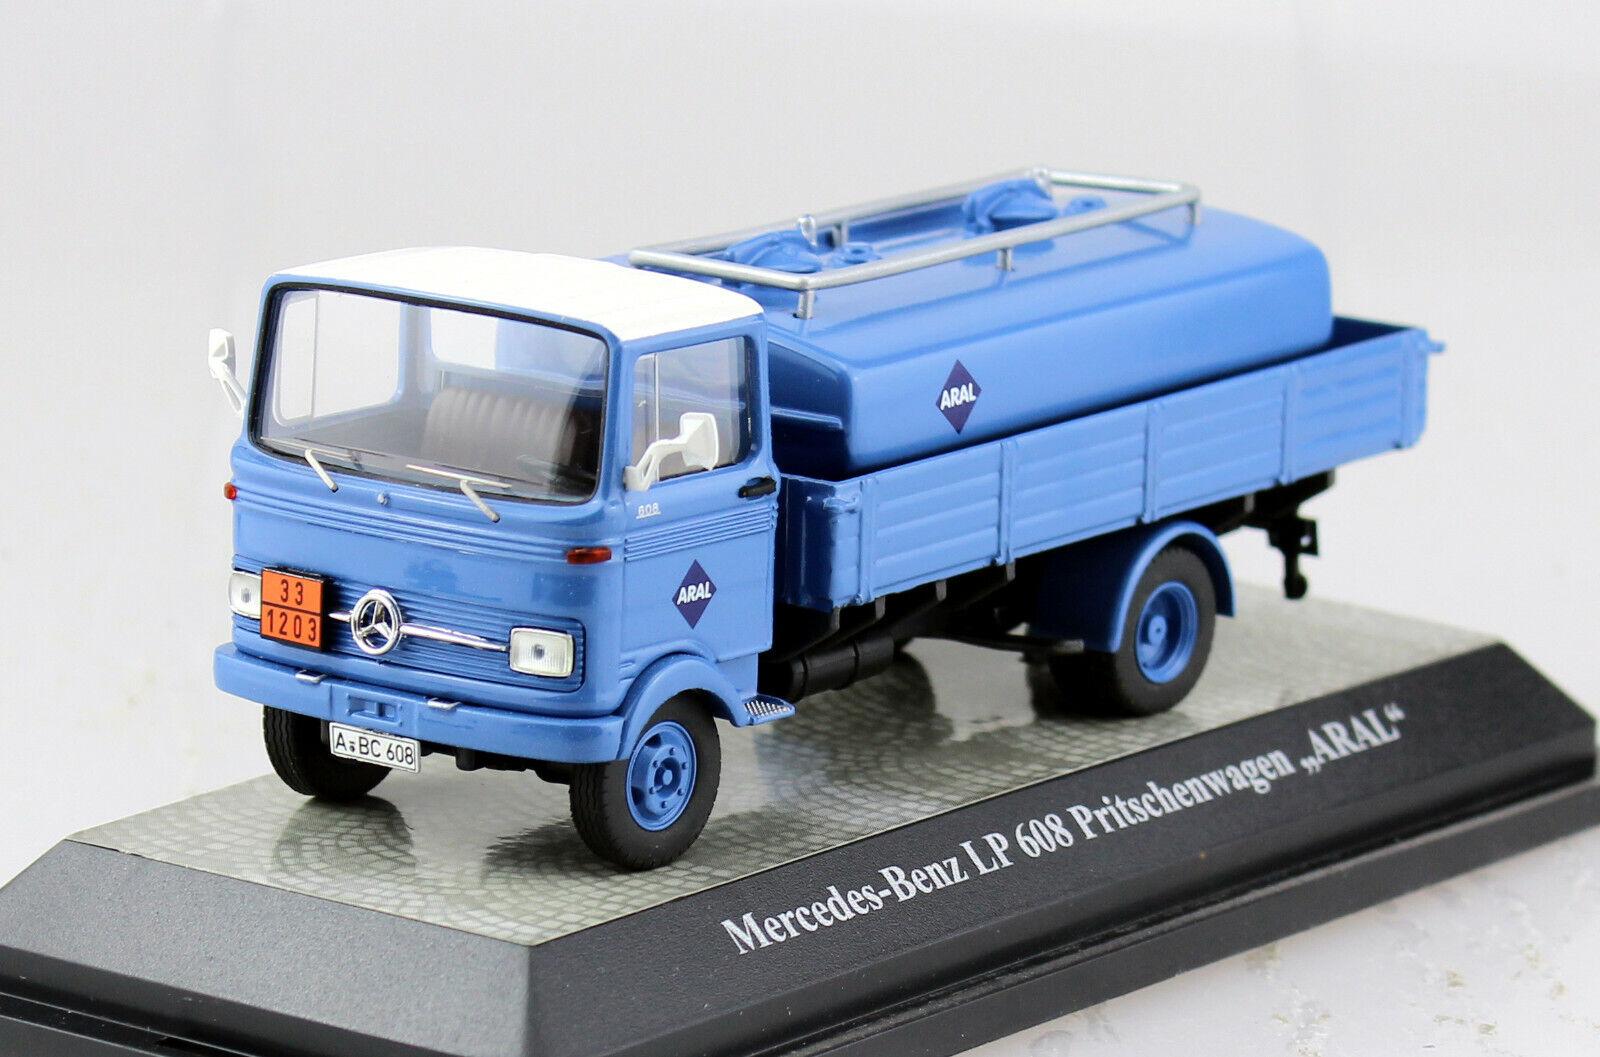 Mercedes LP 608 camión cisterna Aral 1 43 premium classixxs maqueta de coche